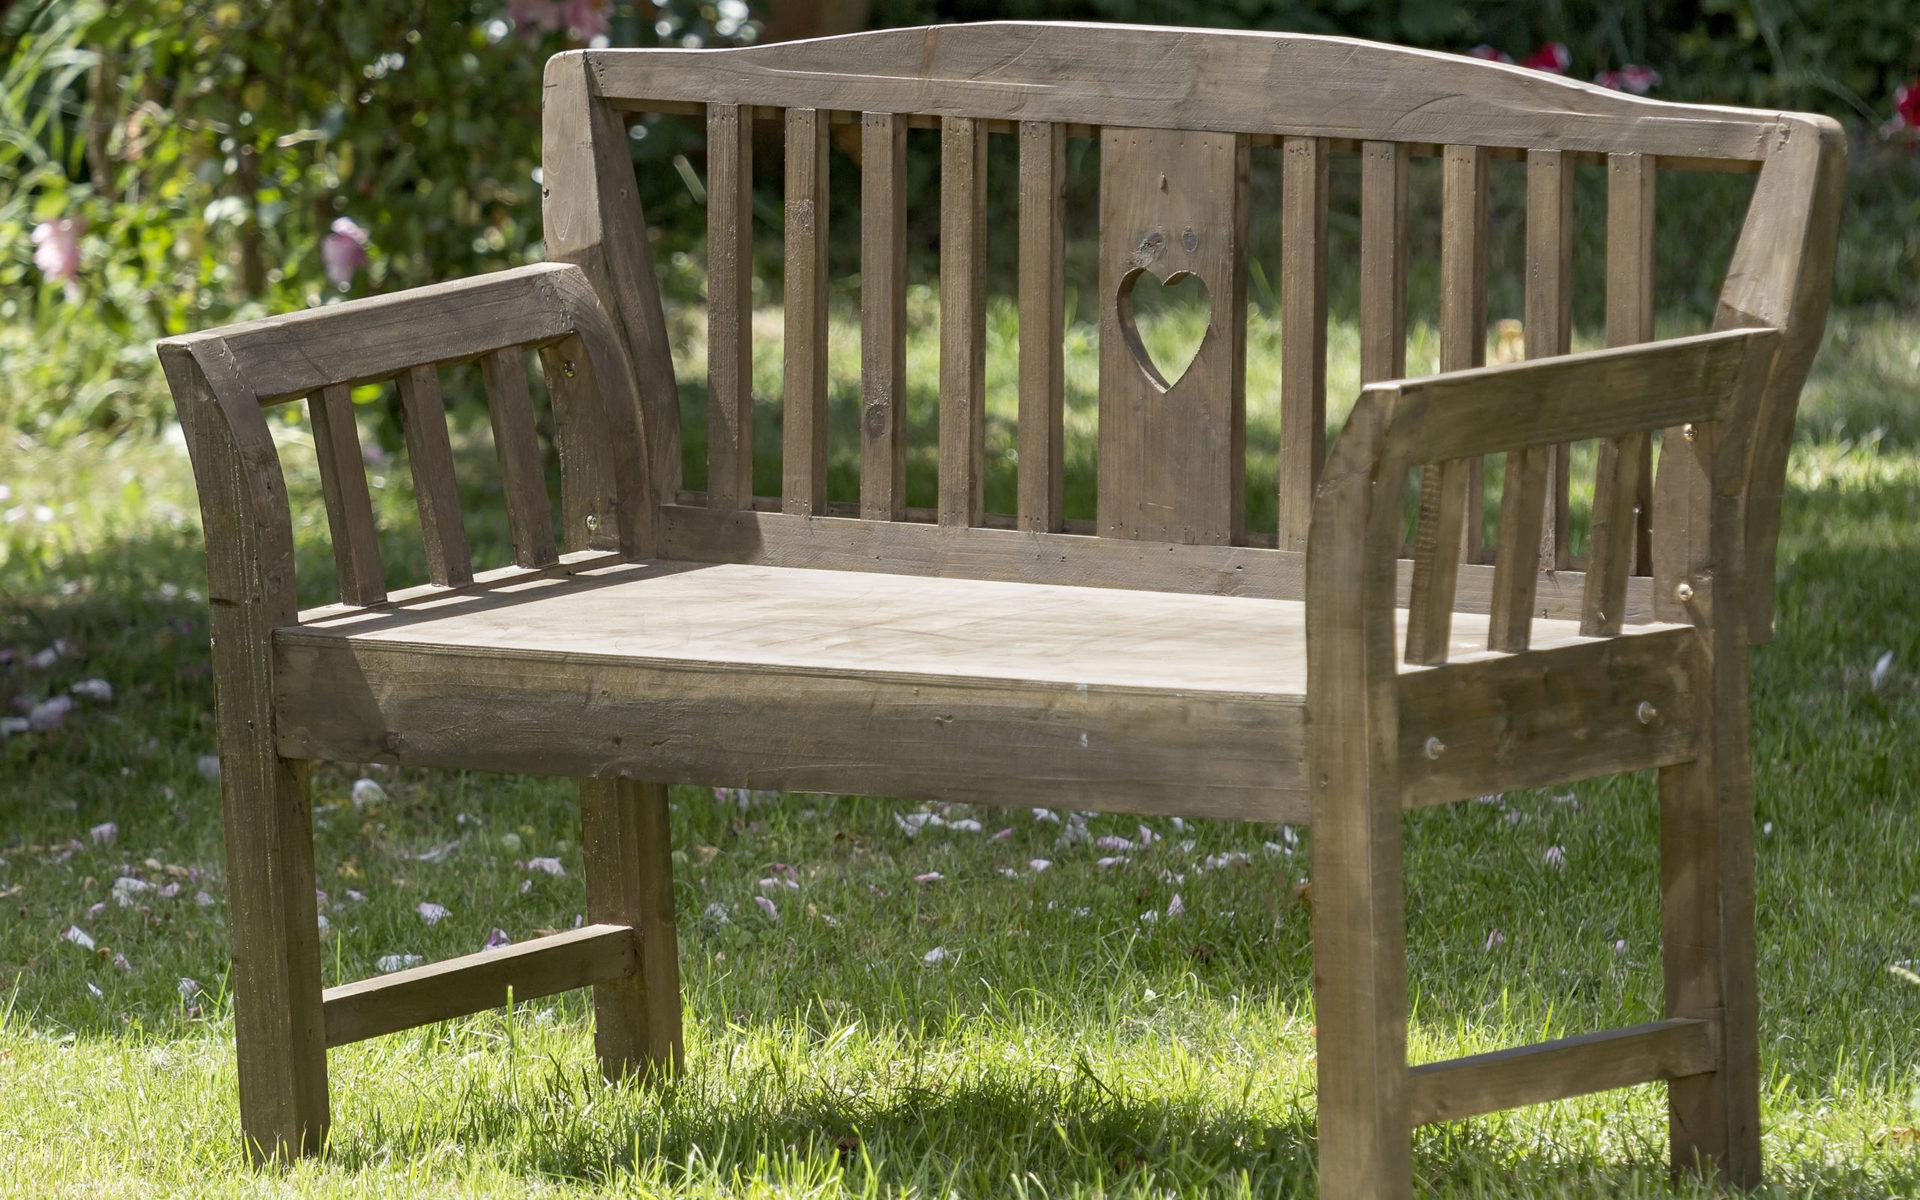 Kleinhempel Media Services Outdoor-Produktfoto einer Sitzbank im Garten